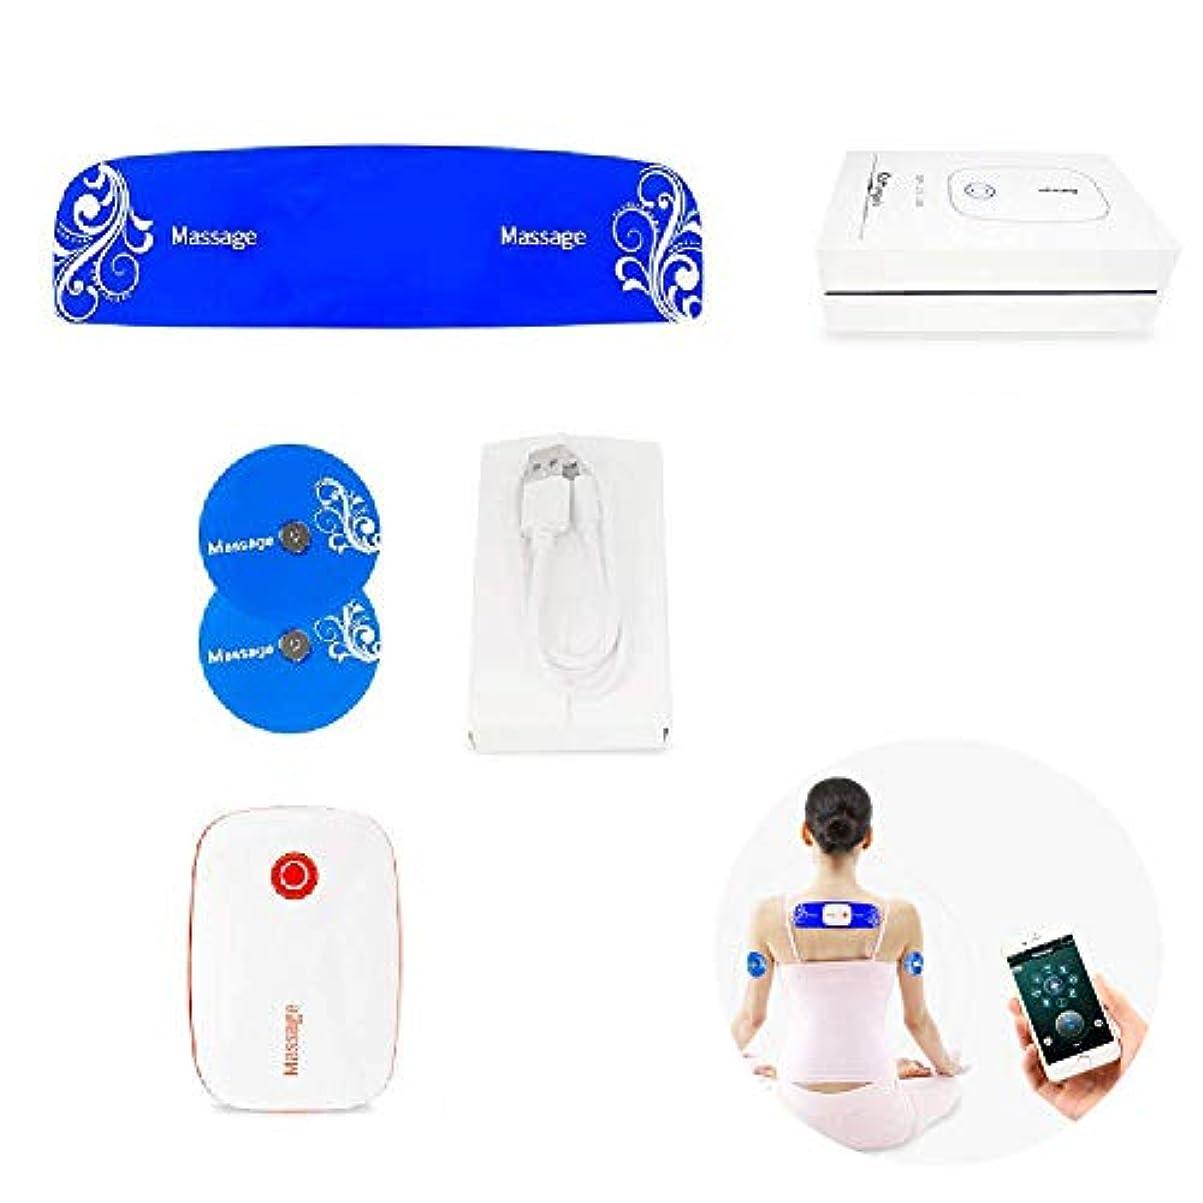 言い直す不健全スタンド首の肩のマッサージャー深い組織のための電動ポータブルAPP Bluetoothコントロール車のホームとオフィス、調整可能なスピード